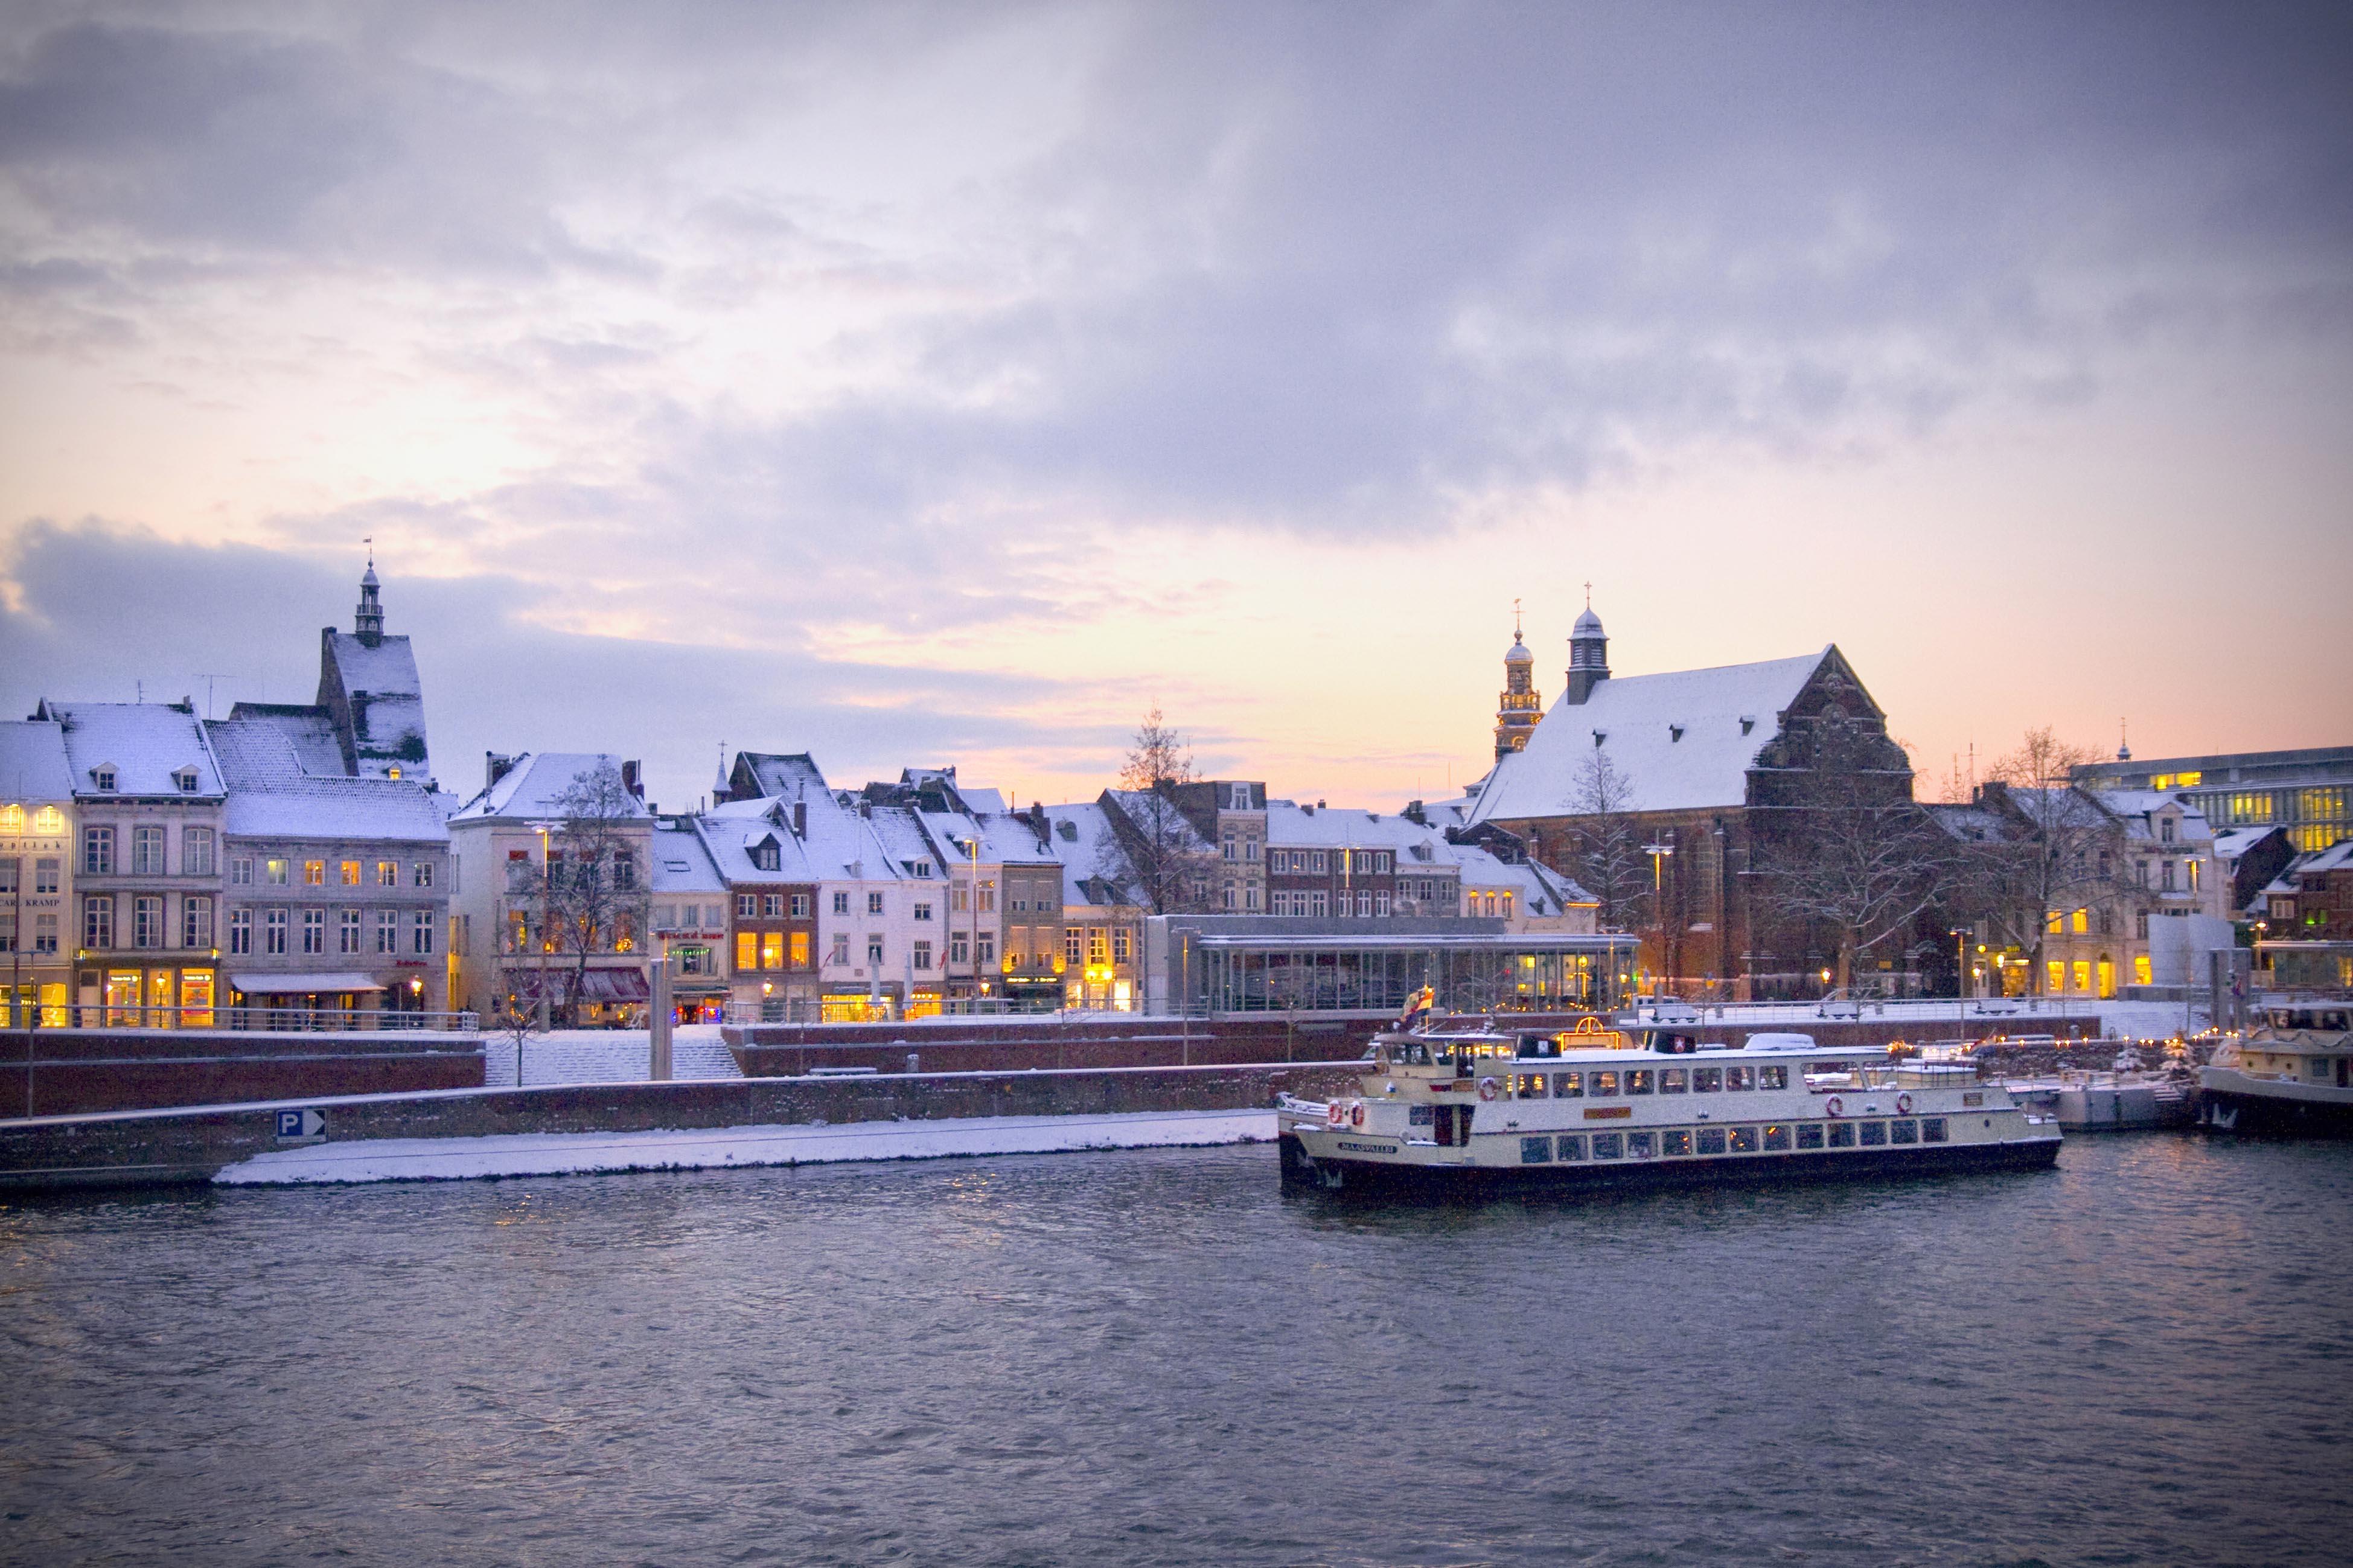 - Hotel Maastricht